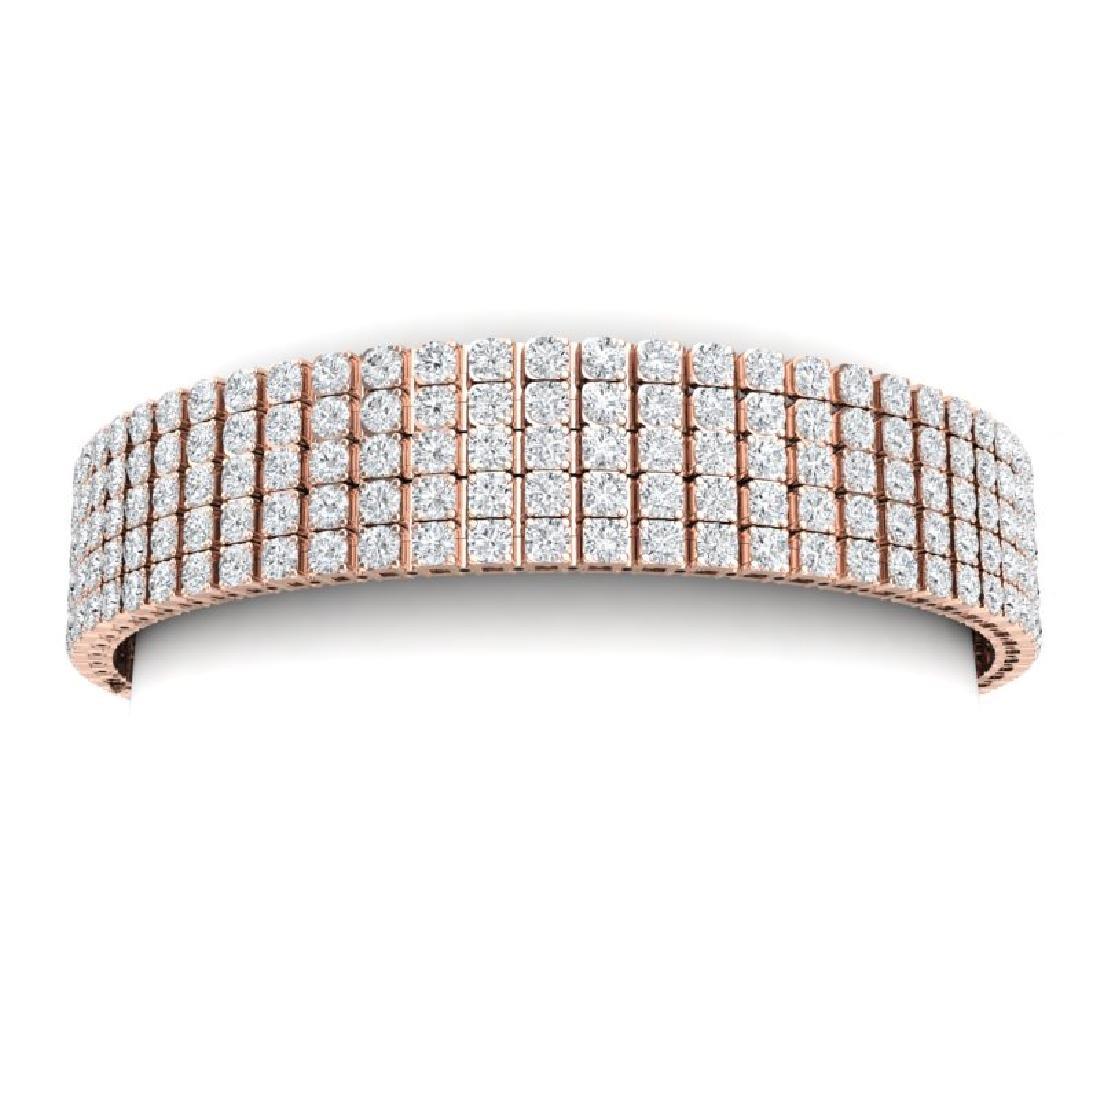 20 CTW Certified VS/SI Diamond Bracelet 18K Rose Gold - 2